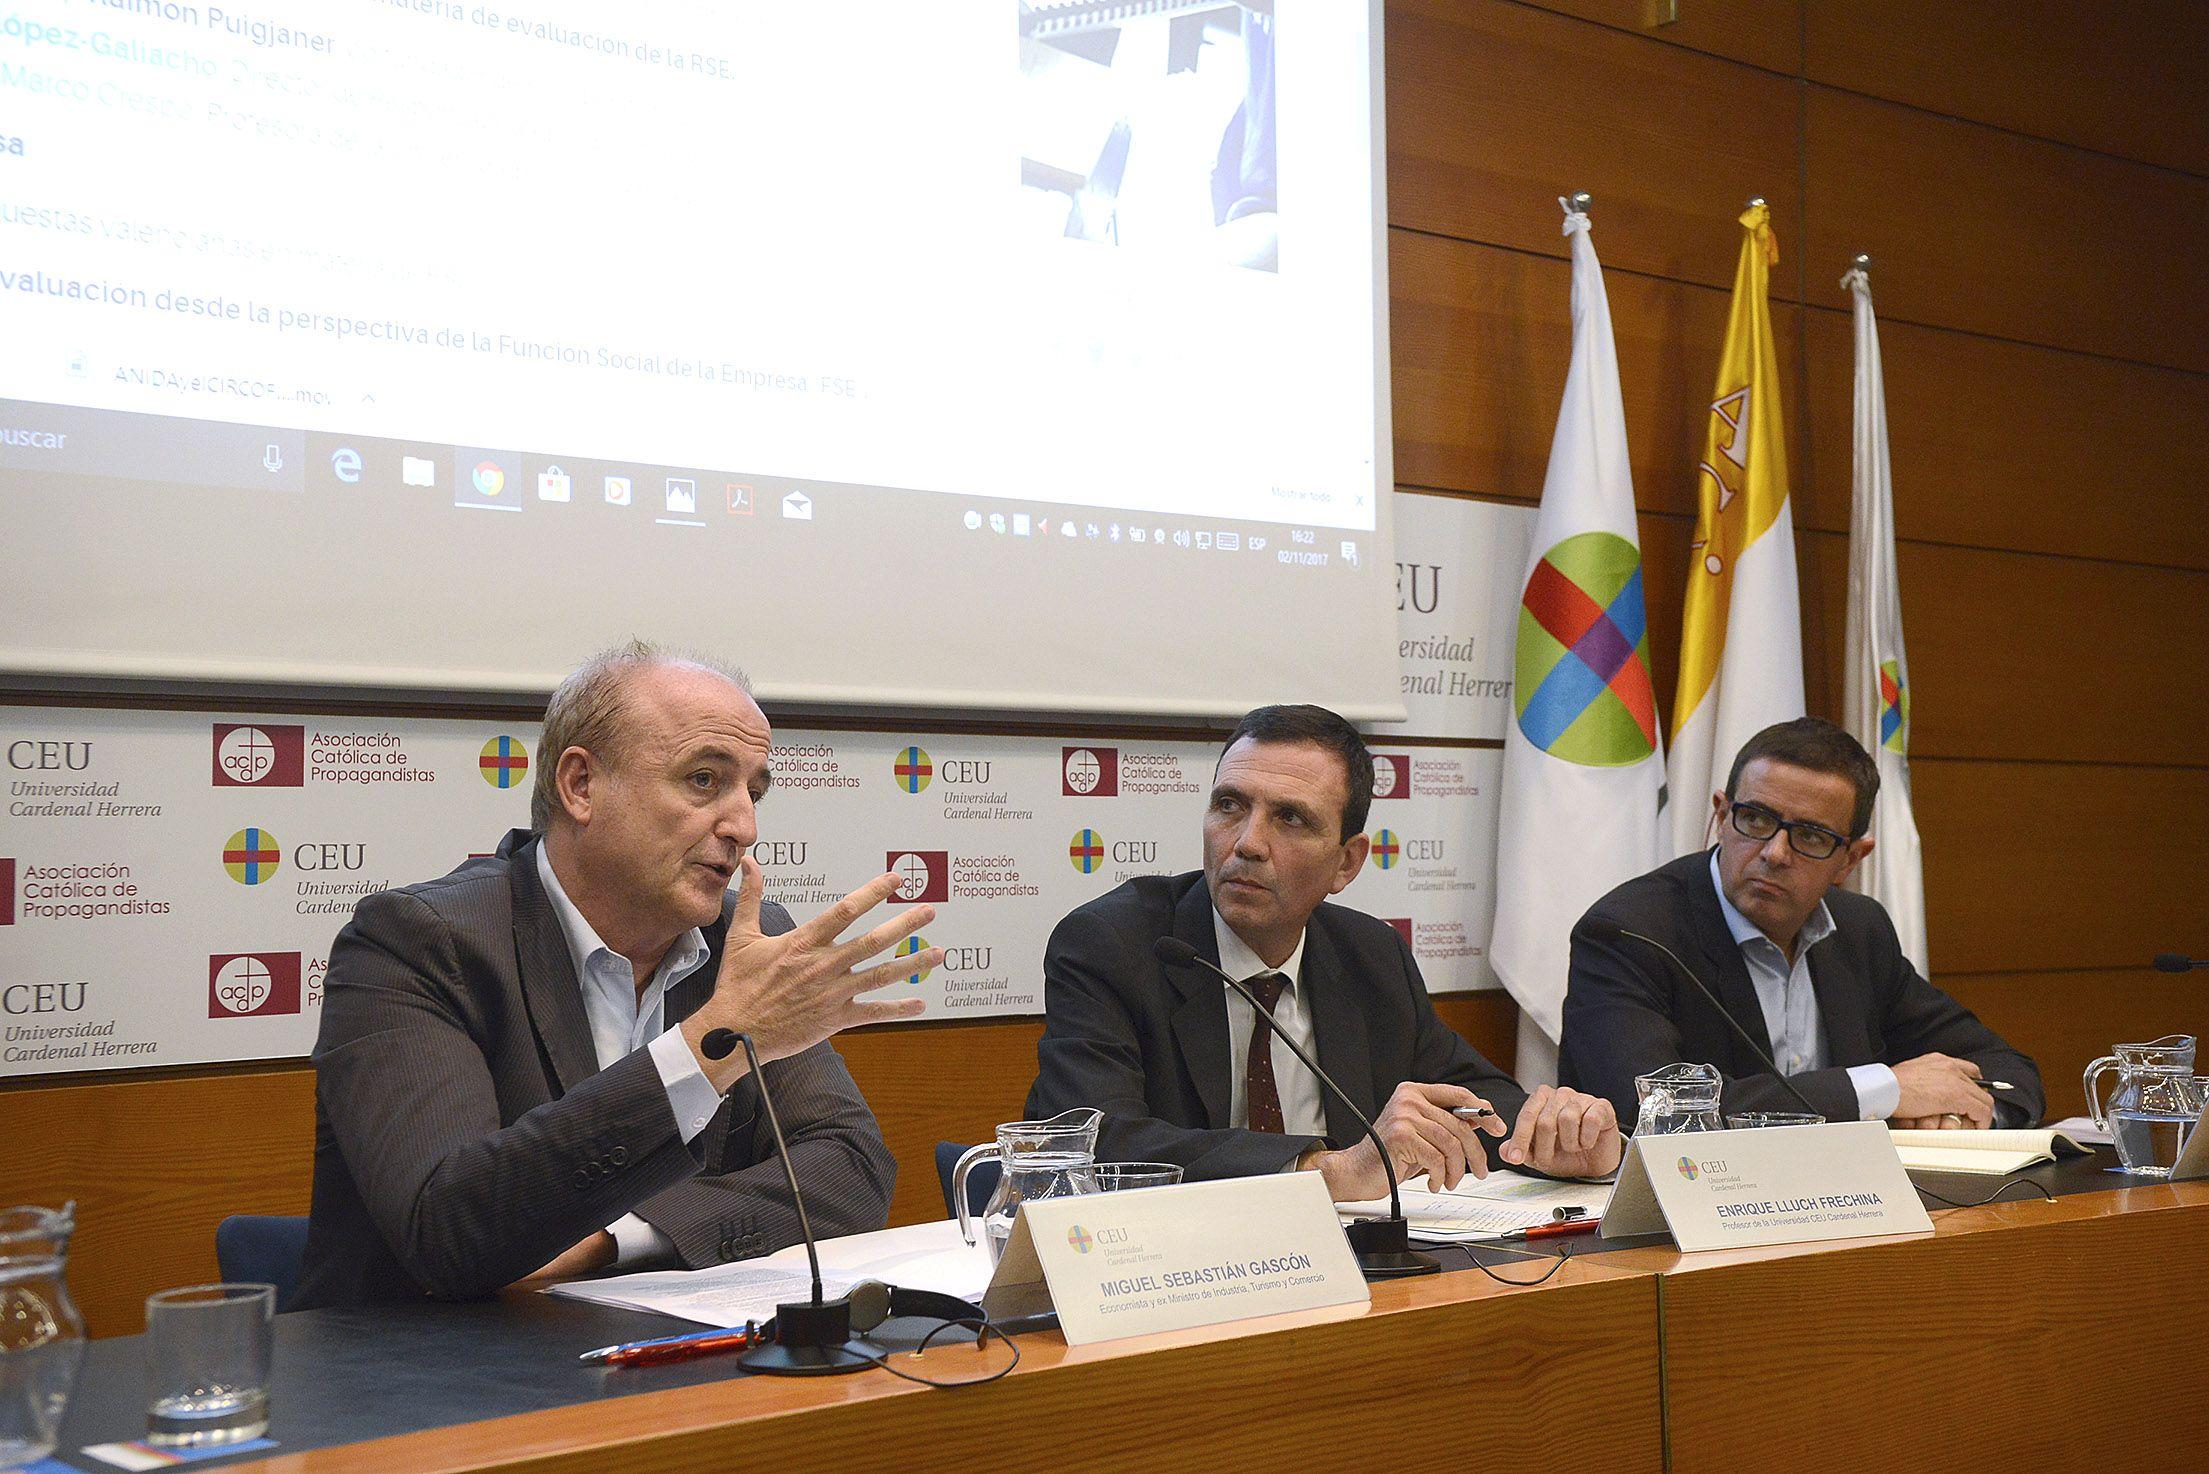 El ex ministro Miguel Sebastián, el profesor Enrique Lluch y José Félix Lozano, de la Fundación Étnor.